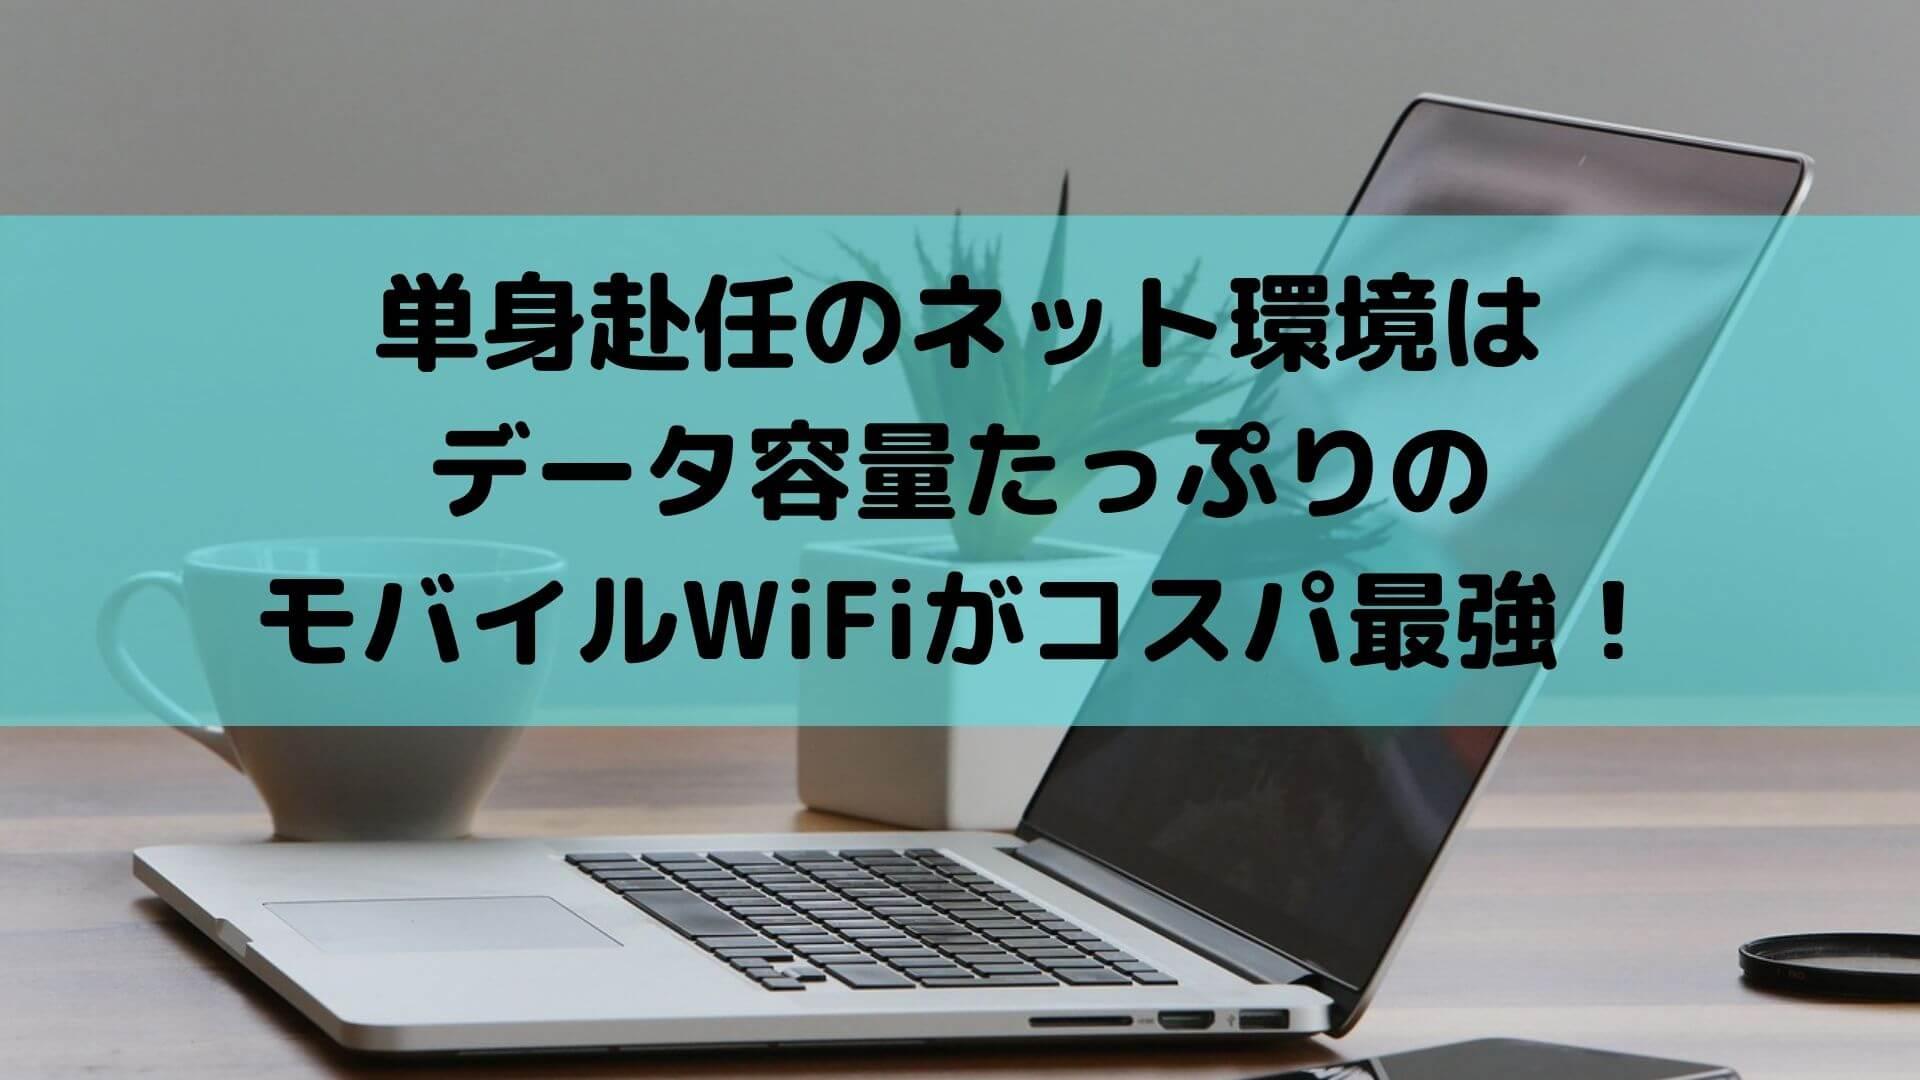 単身赴任のネット環境はデータ容量たっぷりのモバイルWiFiがコスパ最強!